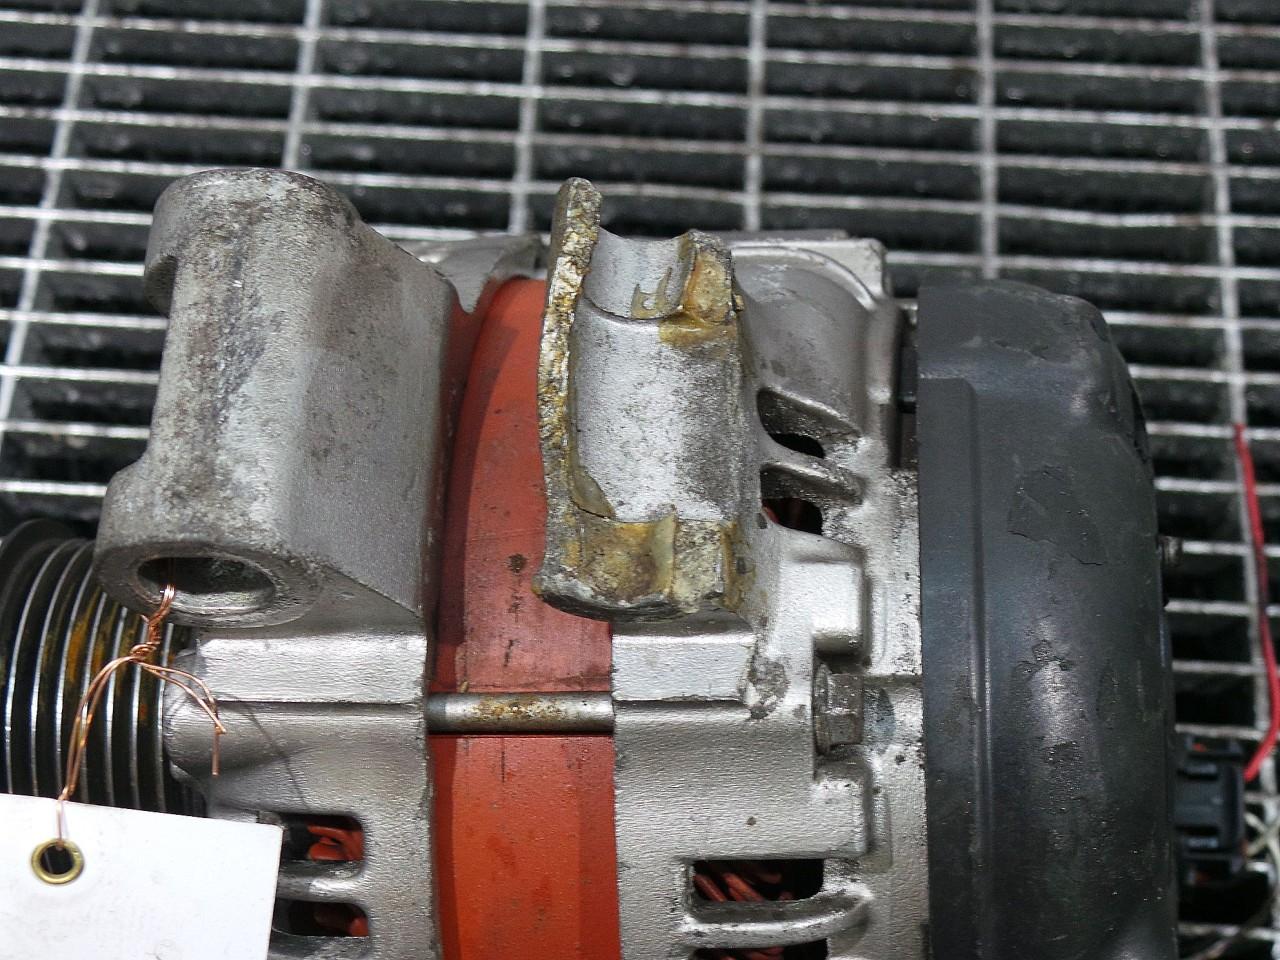 ALTERNATOR LAND ROVER RANGE ROVER SPORT RANGE ROVER SPORT 2.7 D V6 - (2005 2013)